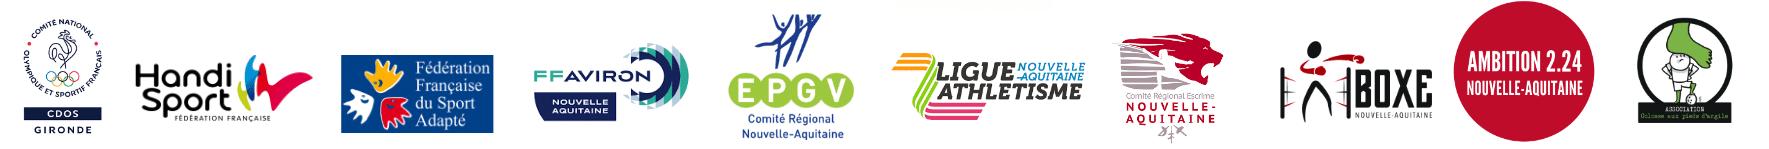 Bandeau partenaires sop2019 Nouvelle Aquitaine CROS